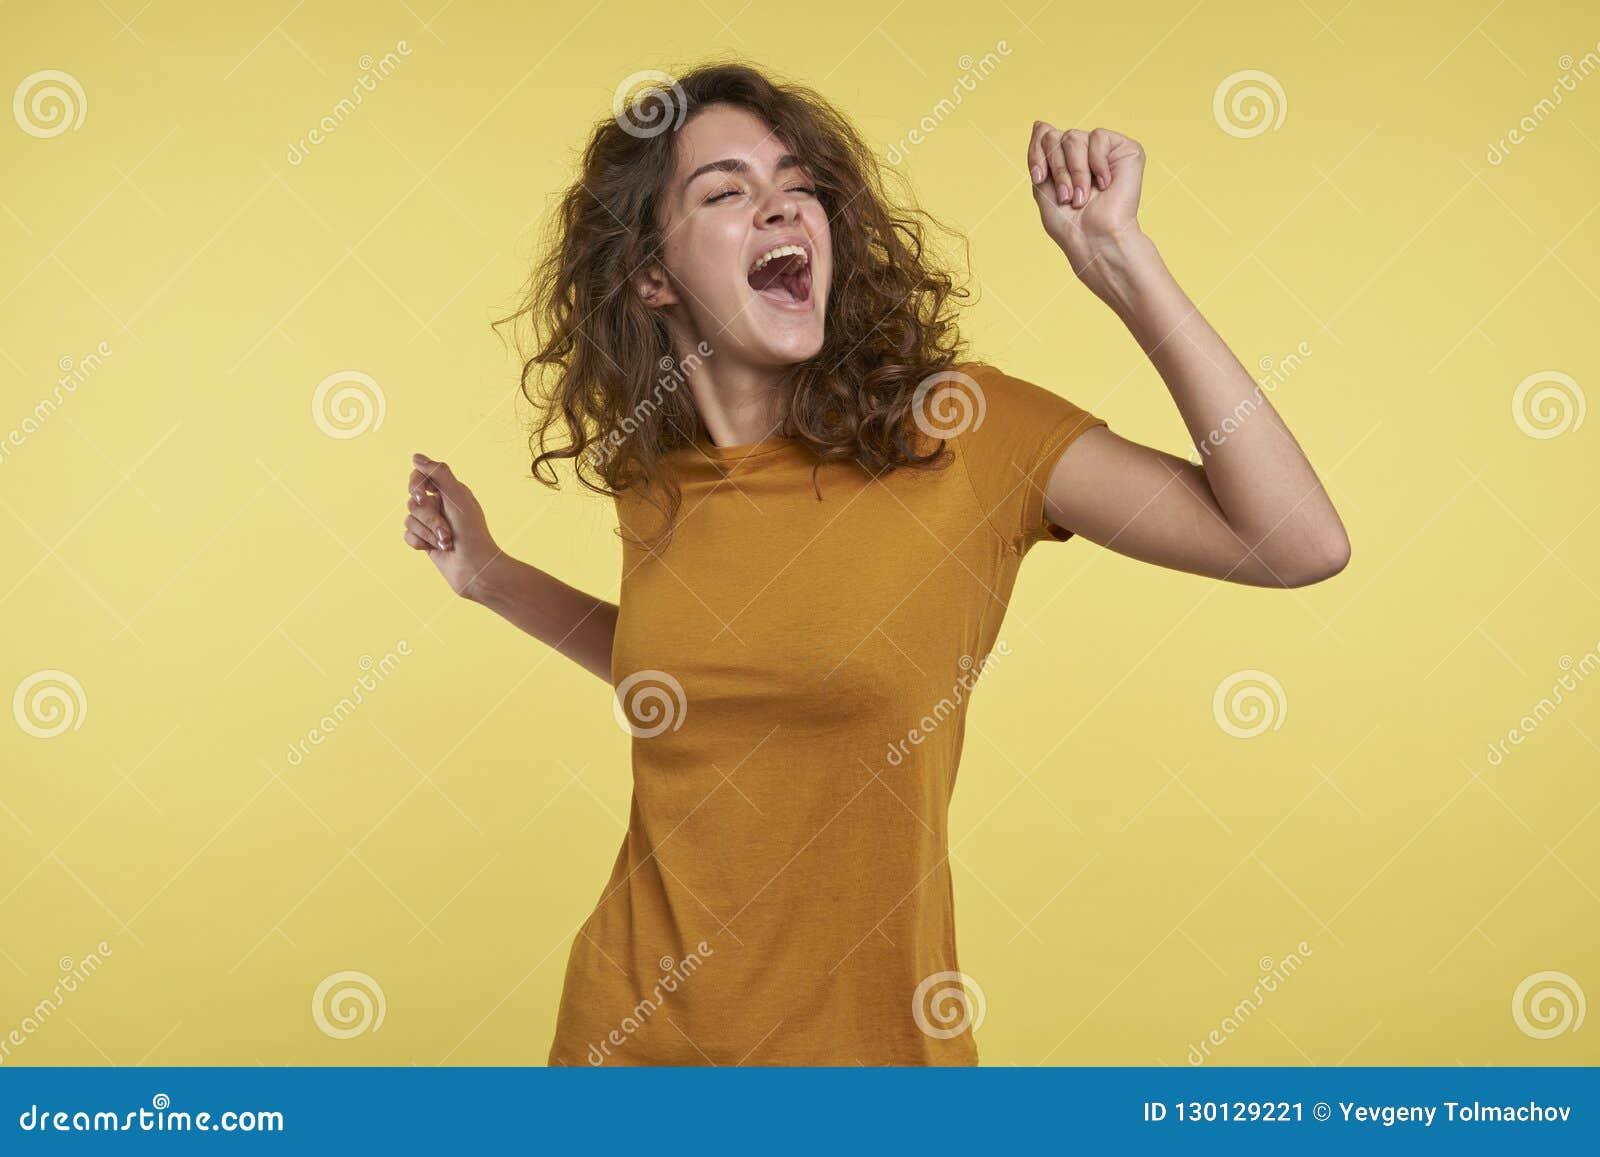 Портрет милой молодой женщины с танцами и петь вьющиеся волосы изолированными над желтой предпосылкой